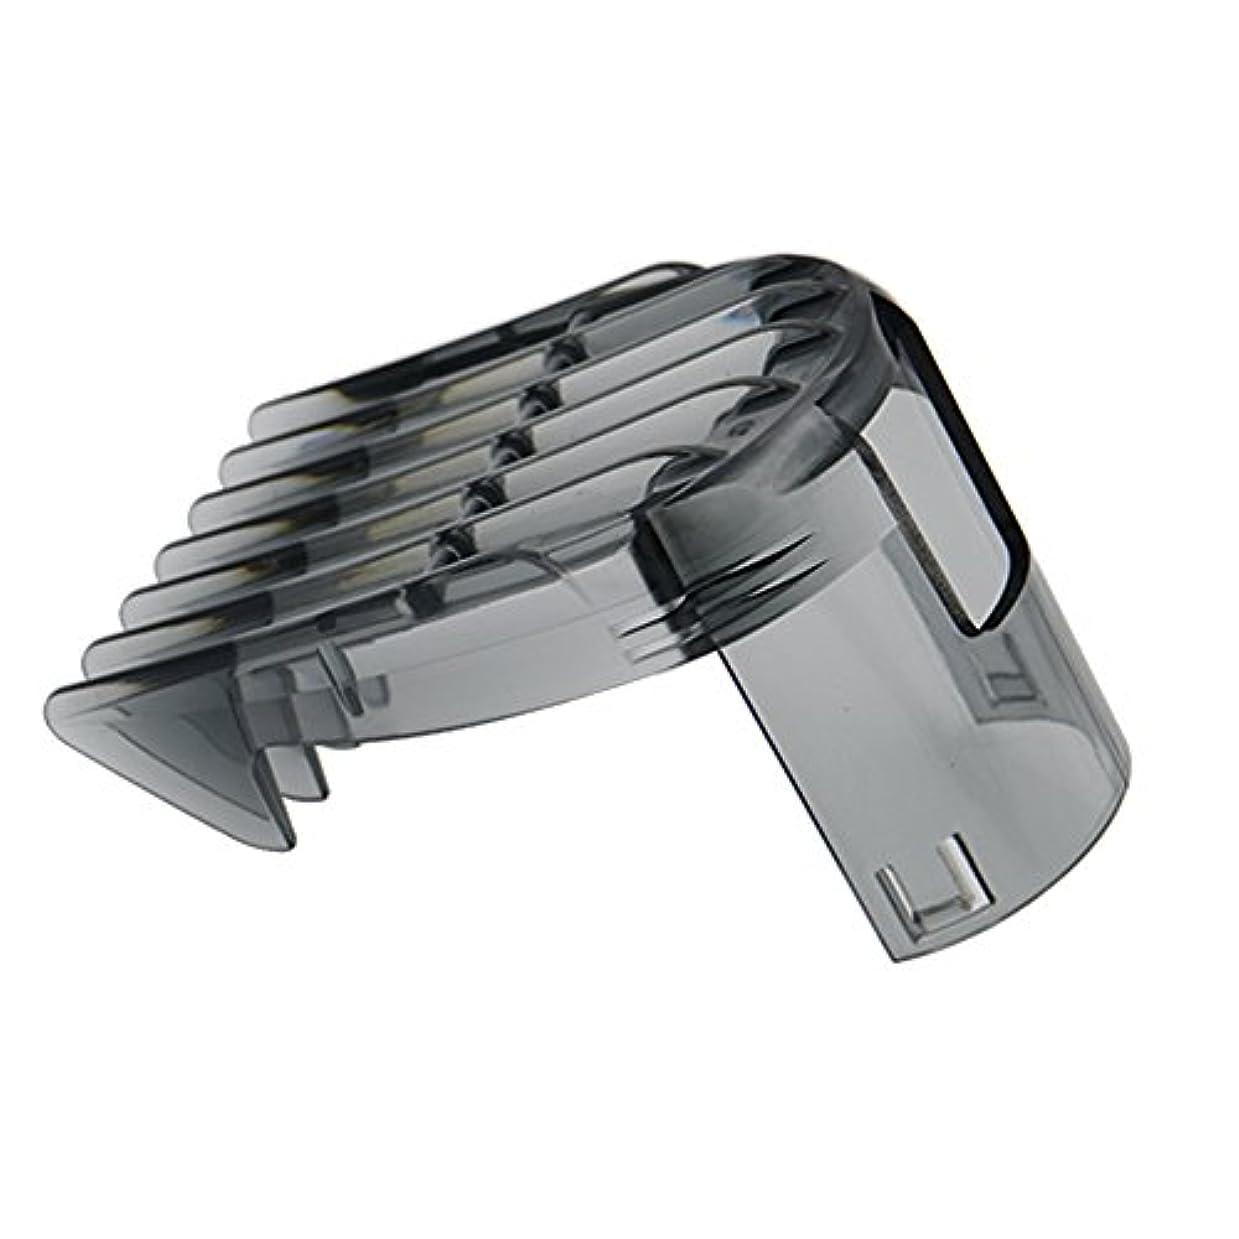 電動バリカン 交換部品 適用 フィリップス バリカン QC5510 QC5530 QC5550 QC5560 QC5570 QC5580のための3-15mmのバリカンのくしのアタッチメントのクリッパー 髪の櫛カット3-15...